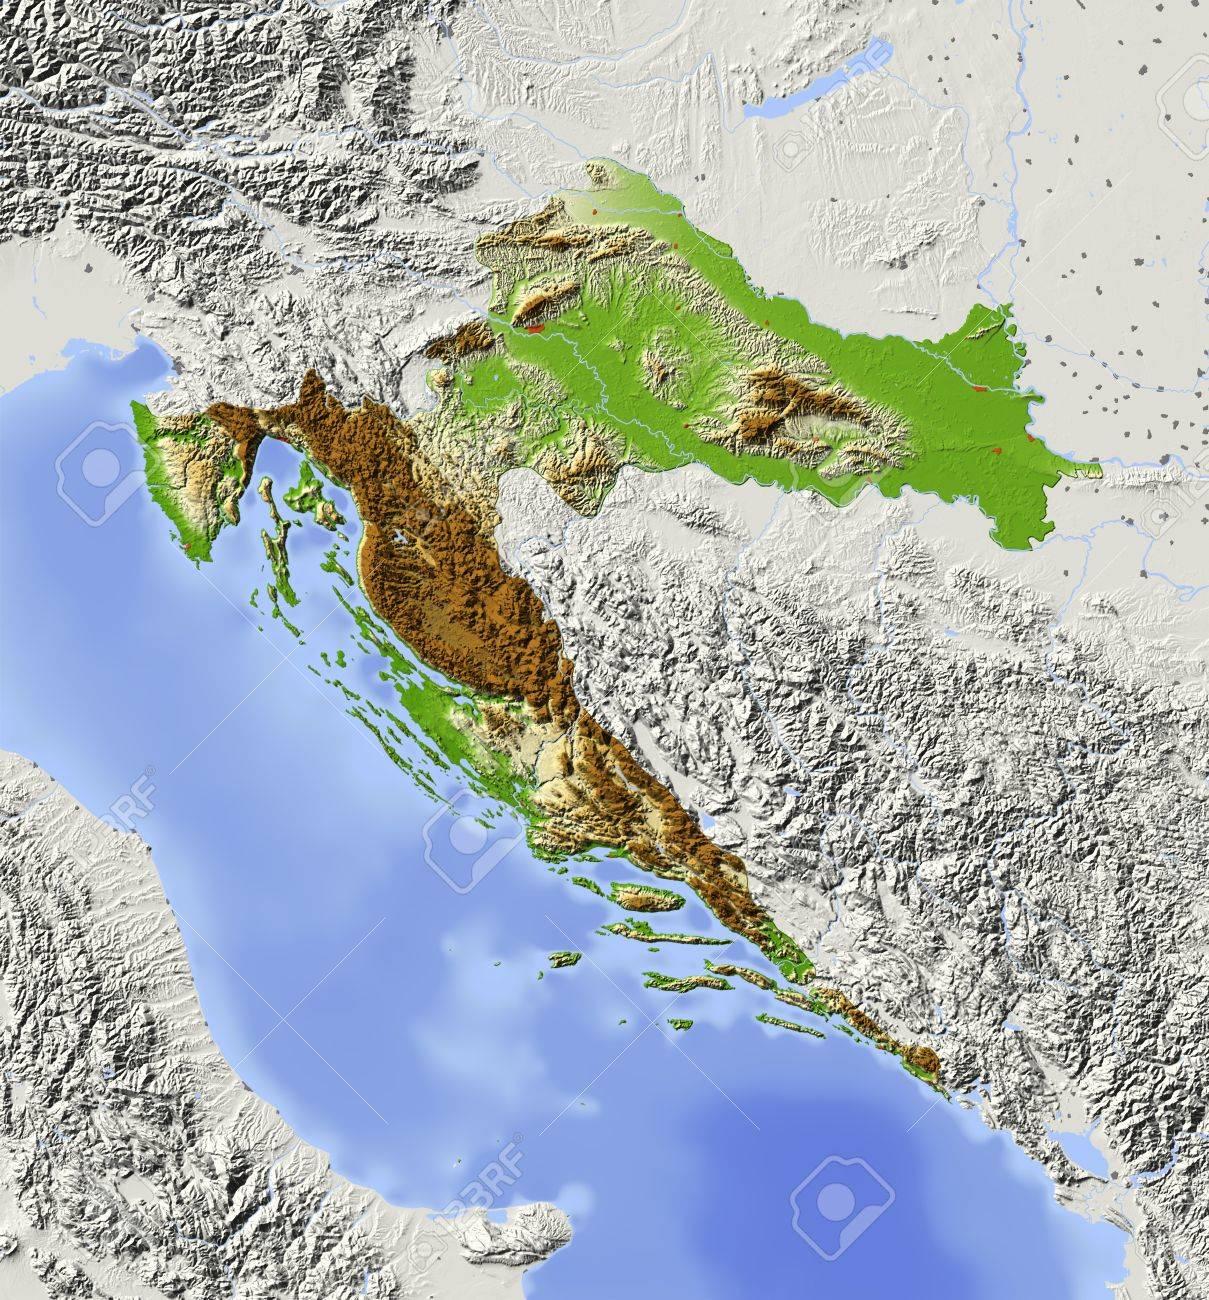 Carte Altitude Croatie.Croatie Carte En Relief Ombre Avec Les Grandes Zones Urbaines Territoire Environnant Grise Colorie Selon L Altitude Comprend Chemin Clip Pour La